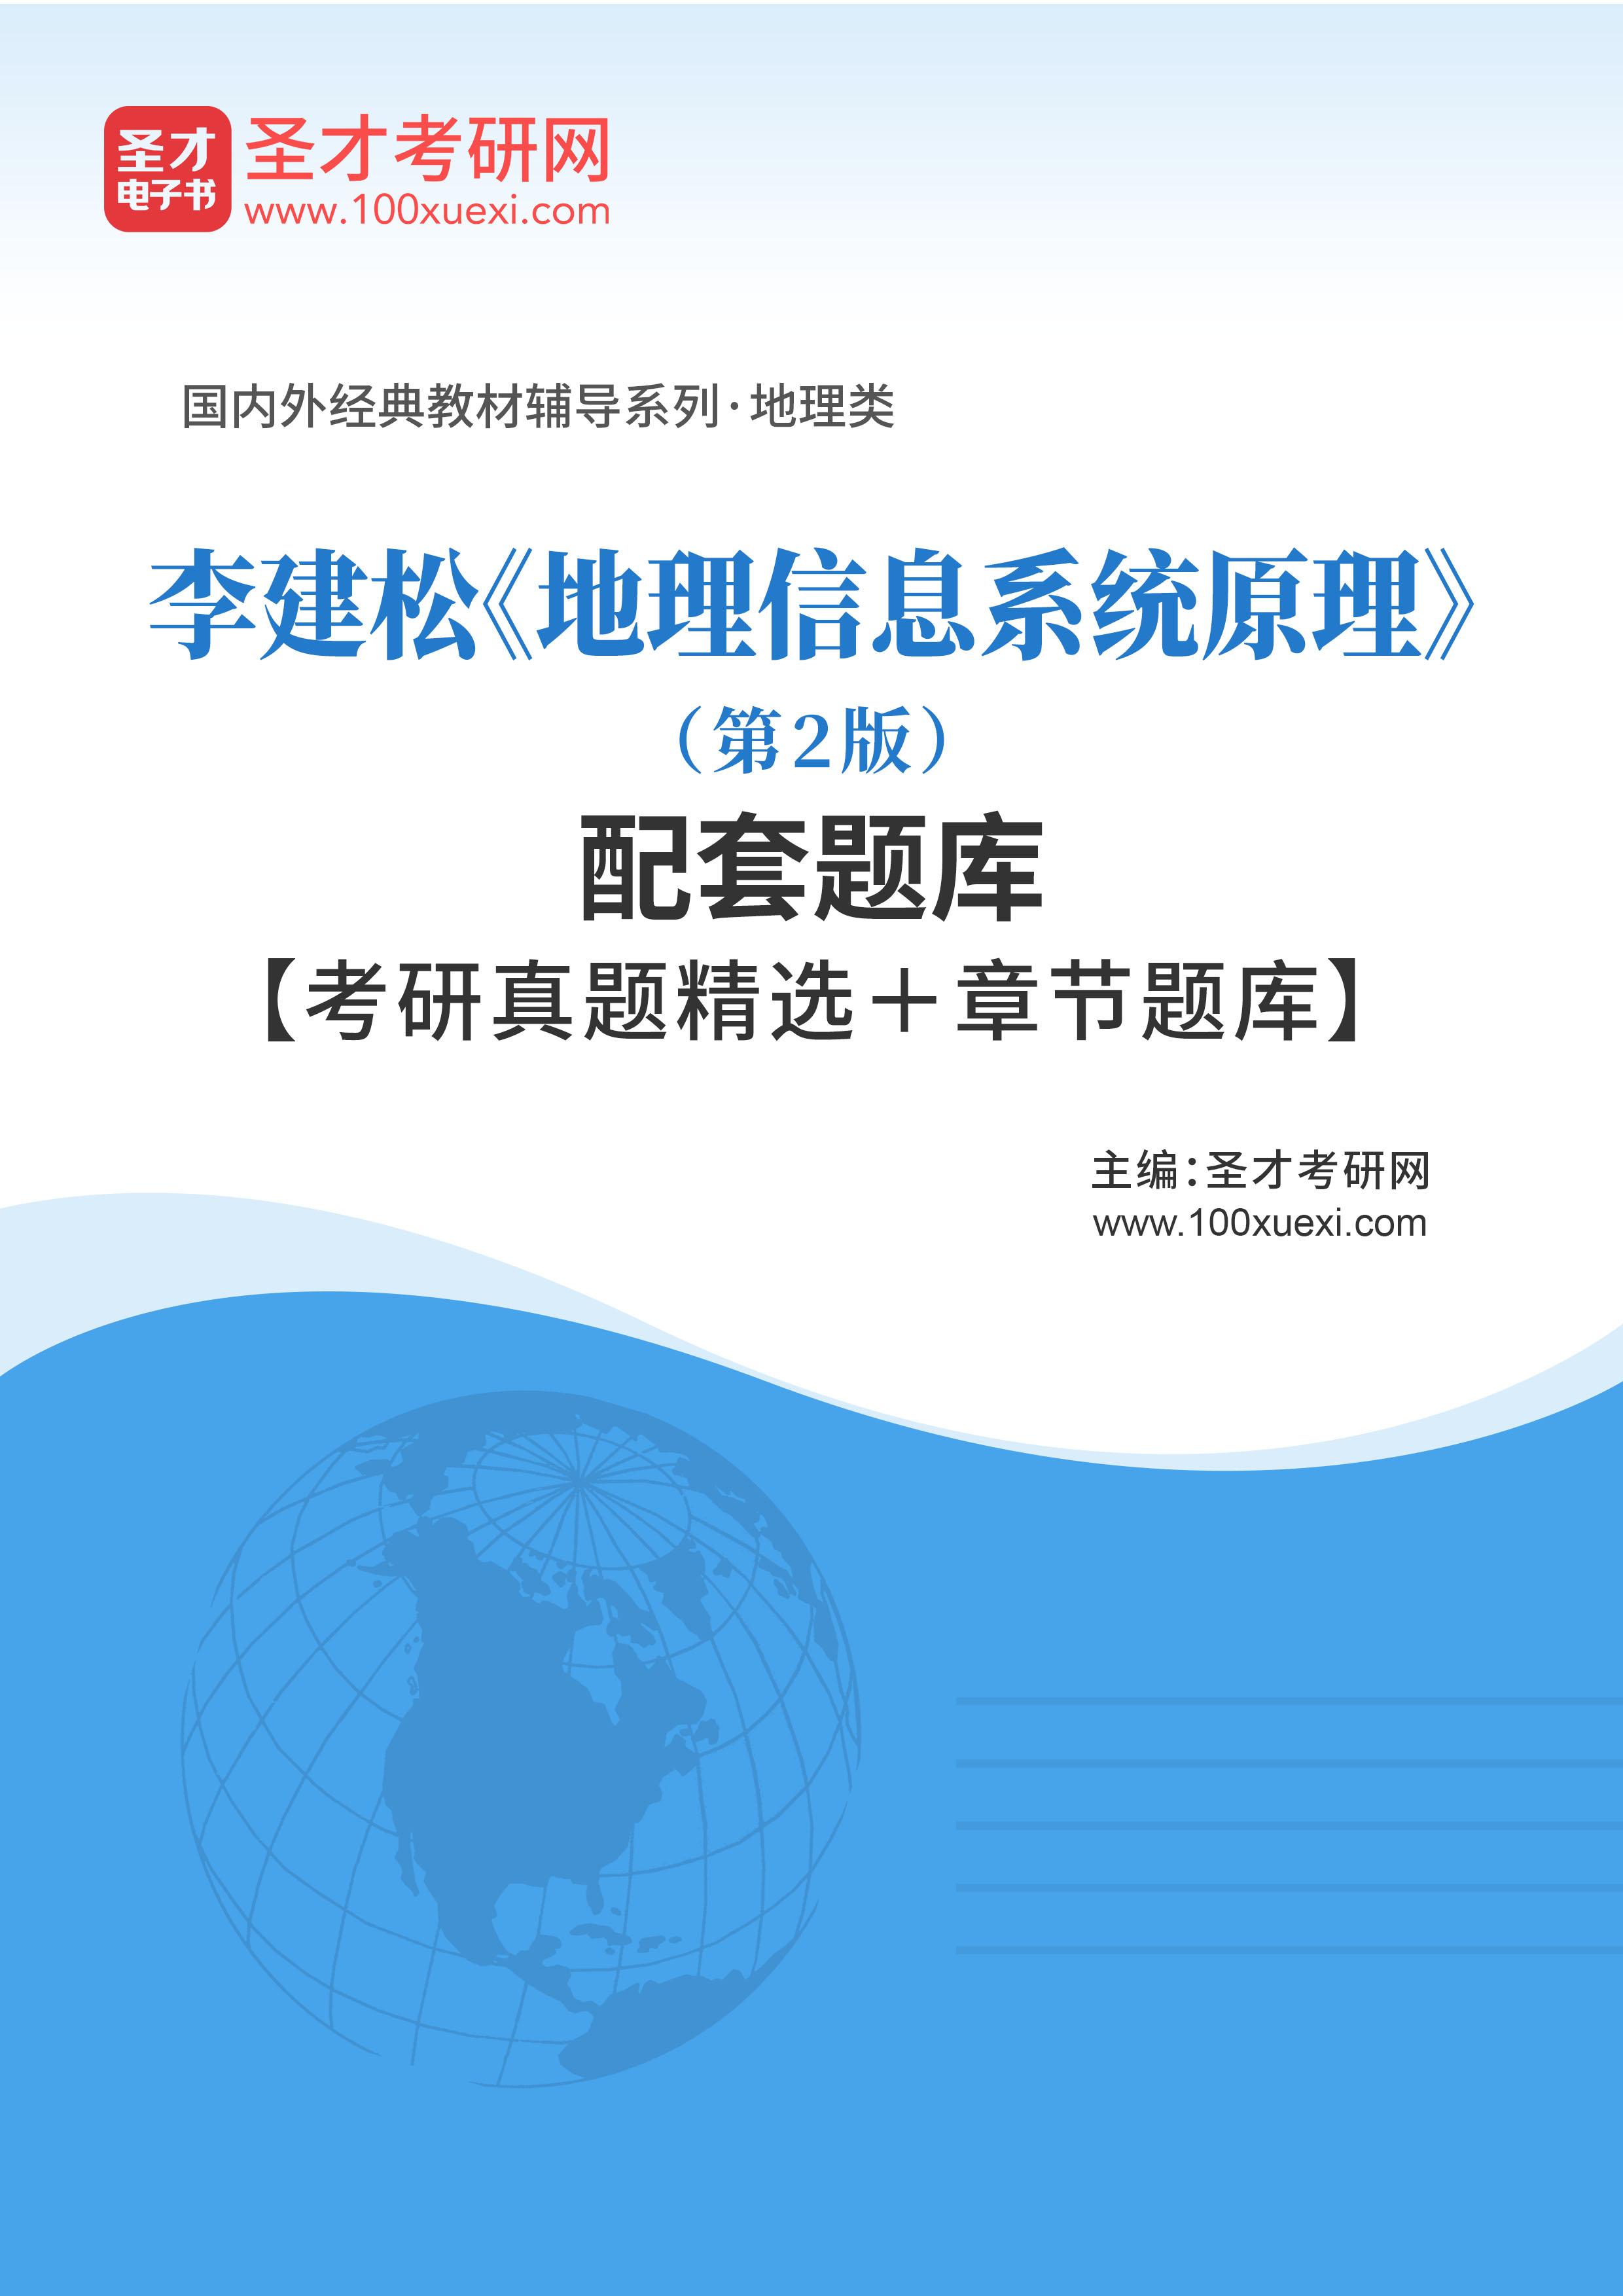 李建松《地理信息系统原理》(第2版)配套题库【考研真题精选+章节题库】